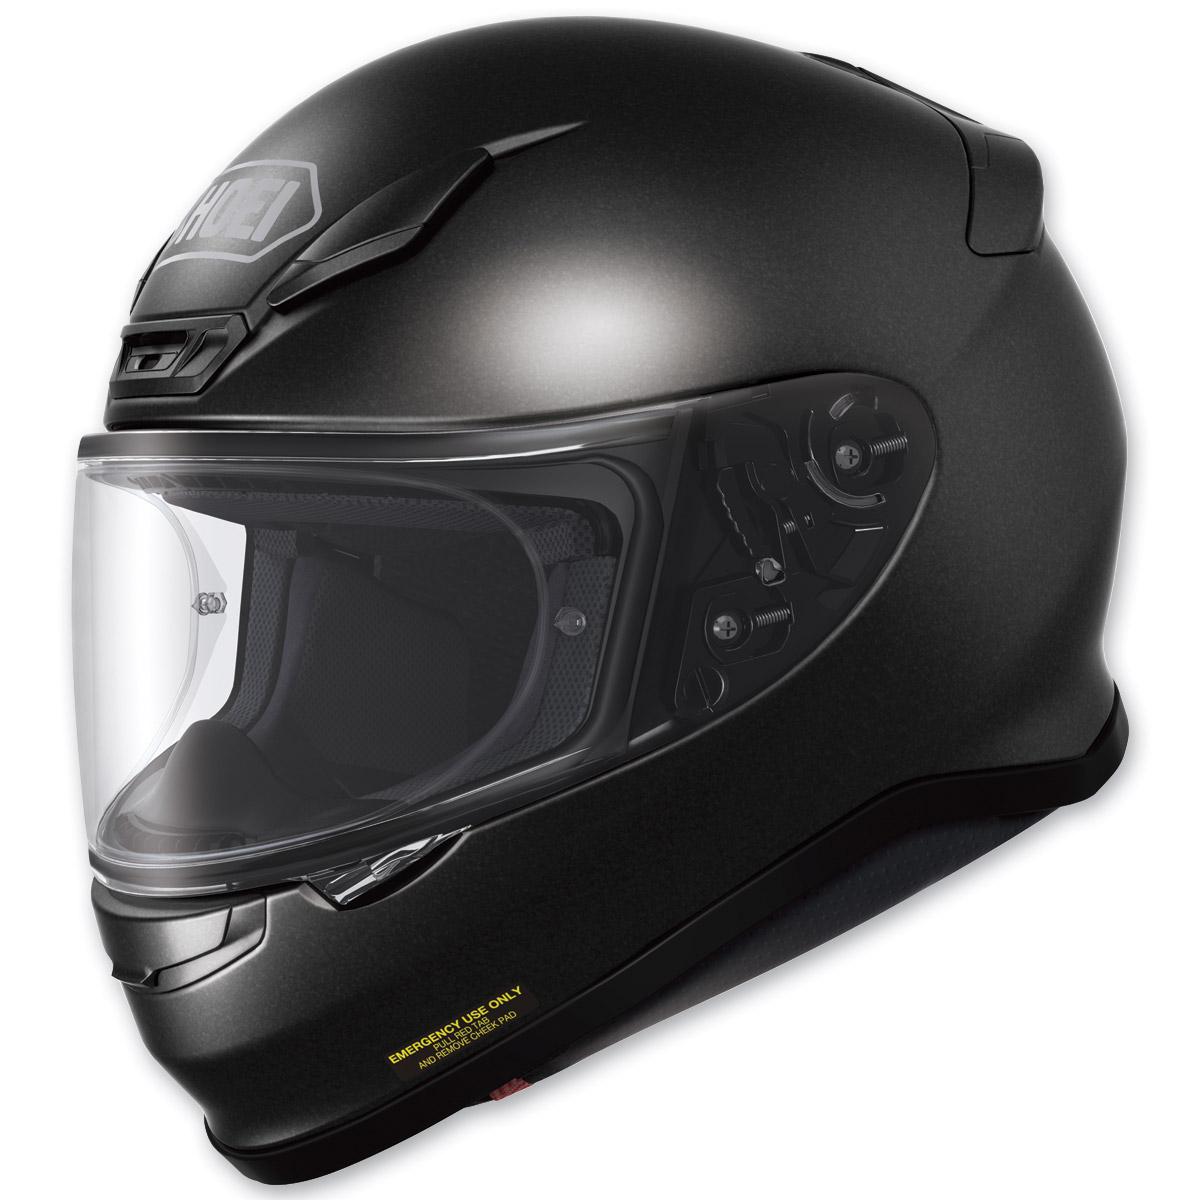 Shoei RF-1200 Black Metallic Full Face Helmet